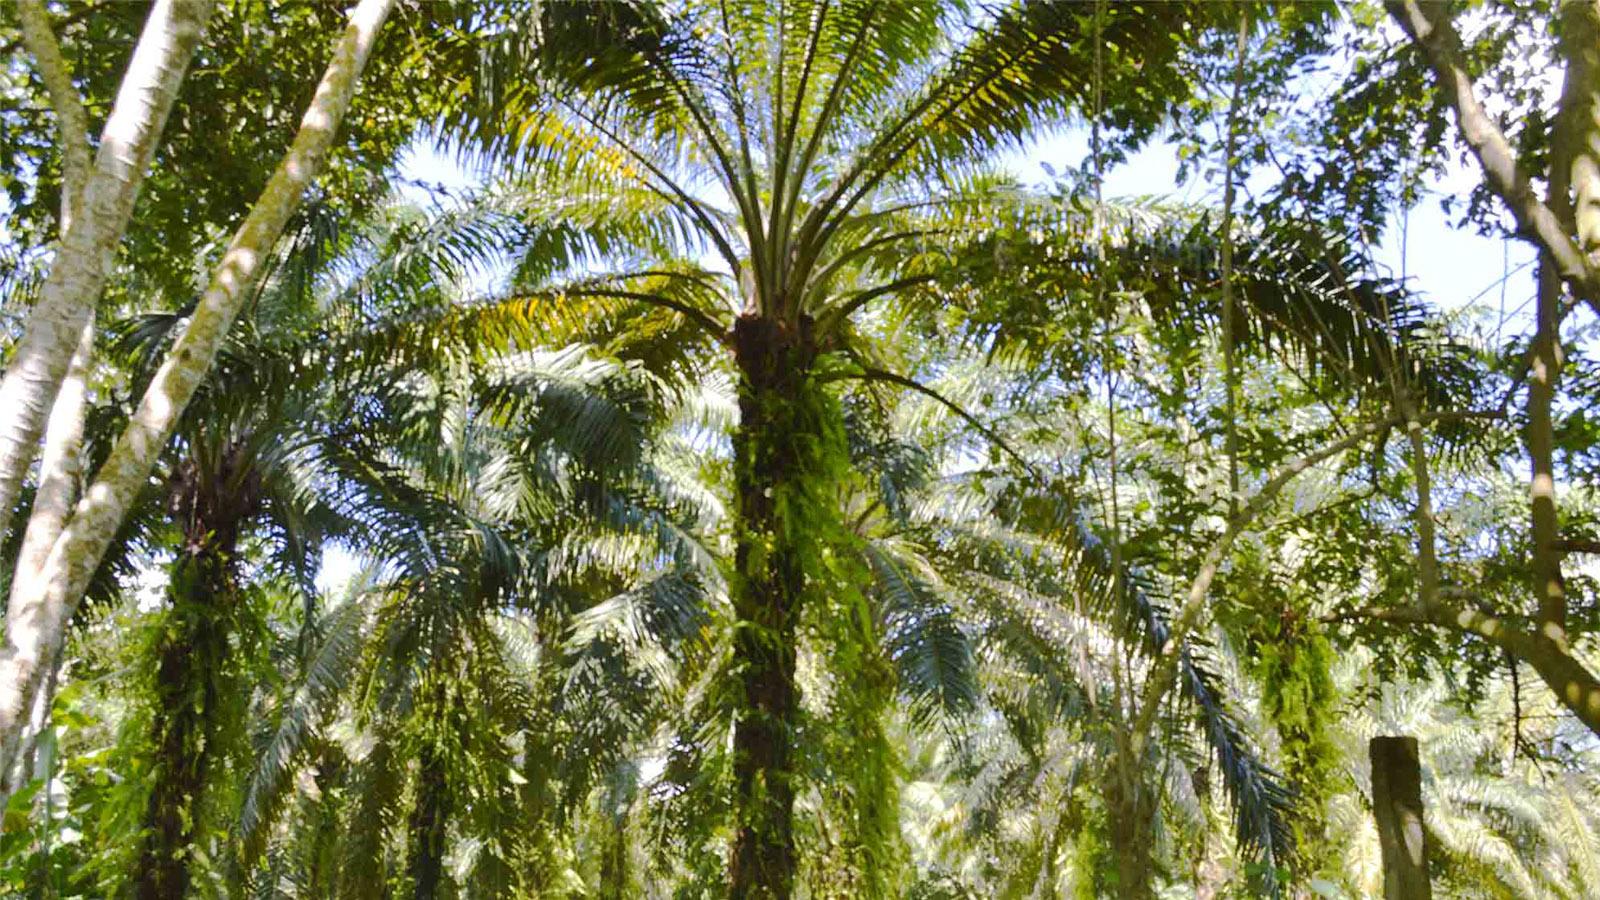 No solo cultivamos palma: el lema de los pequeños productores en María La Baja